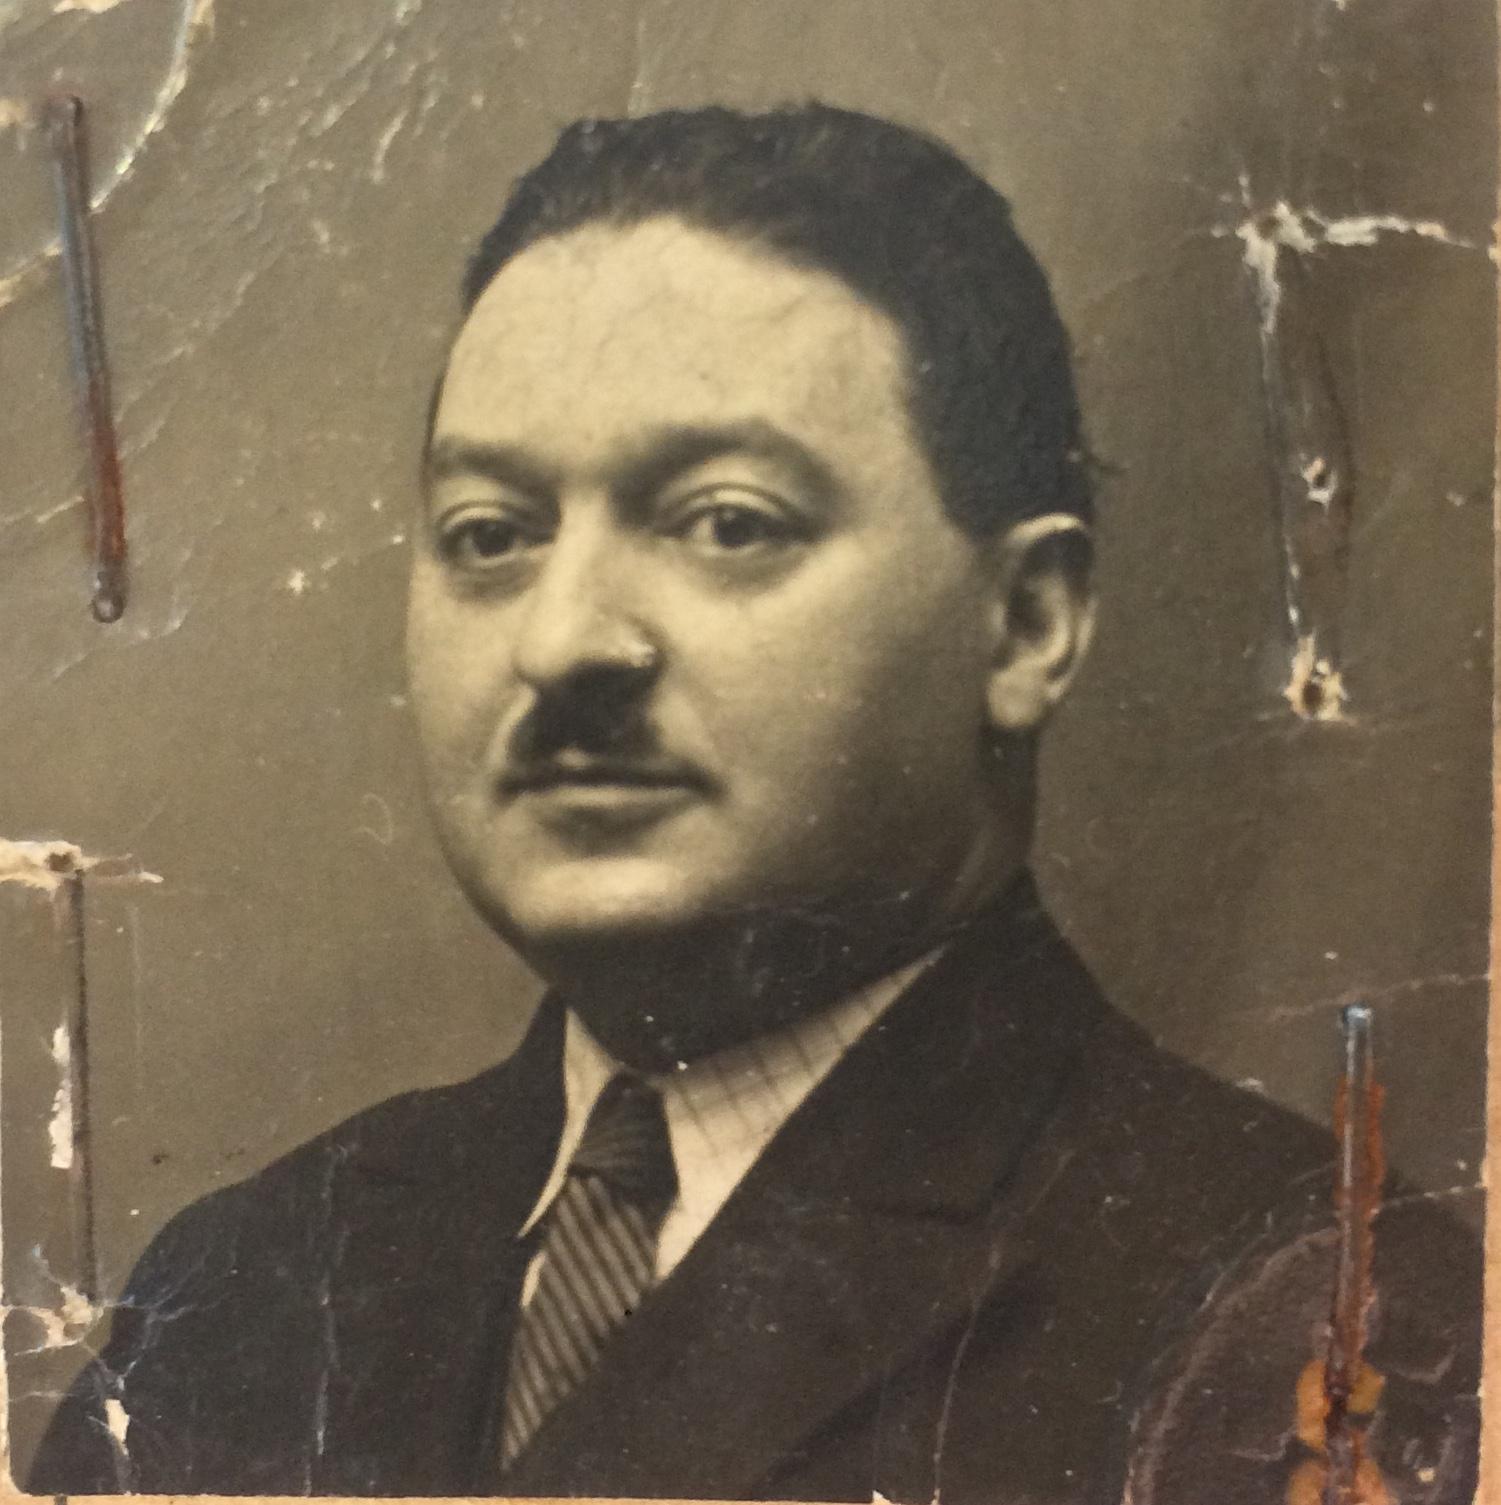 Marc MEISNER 1934 [ADLA 4M693]